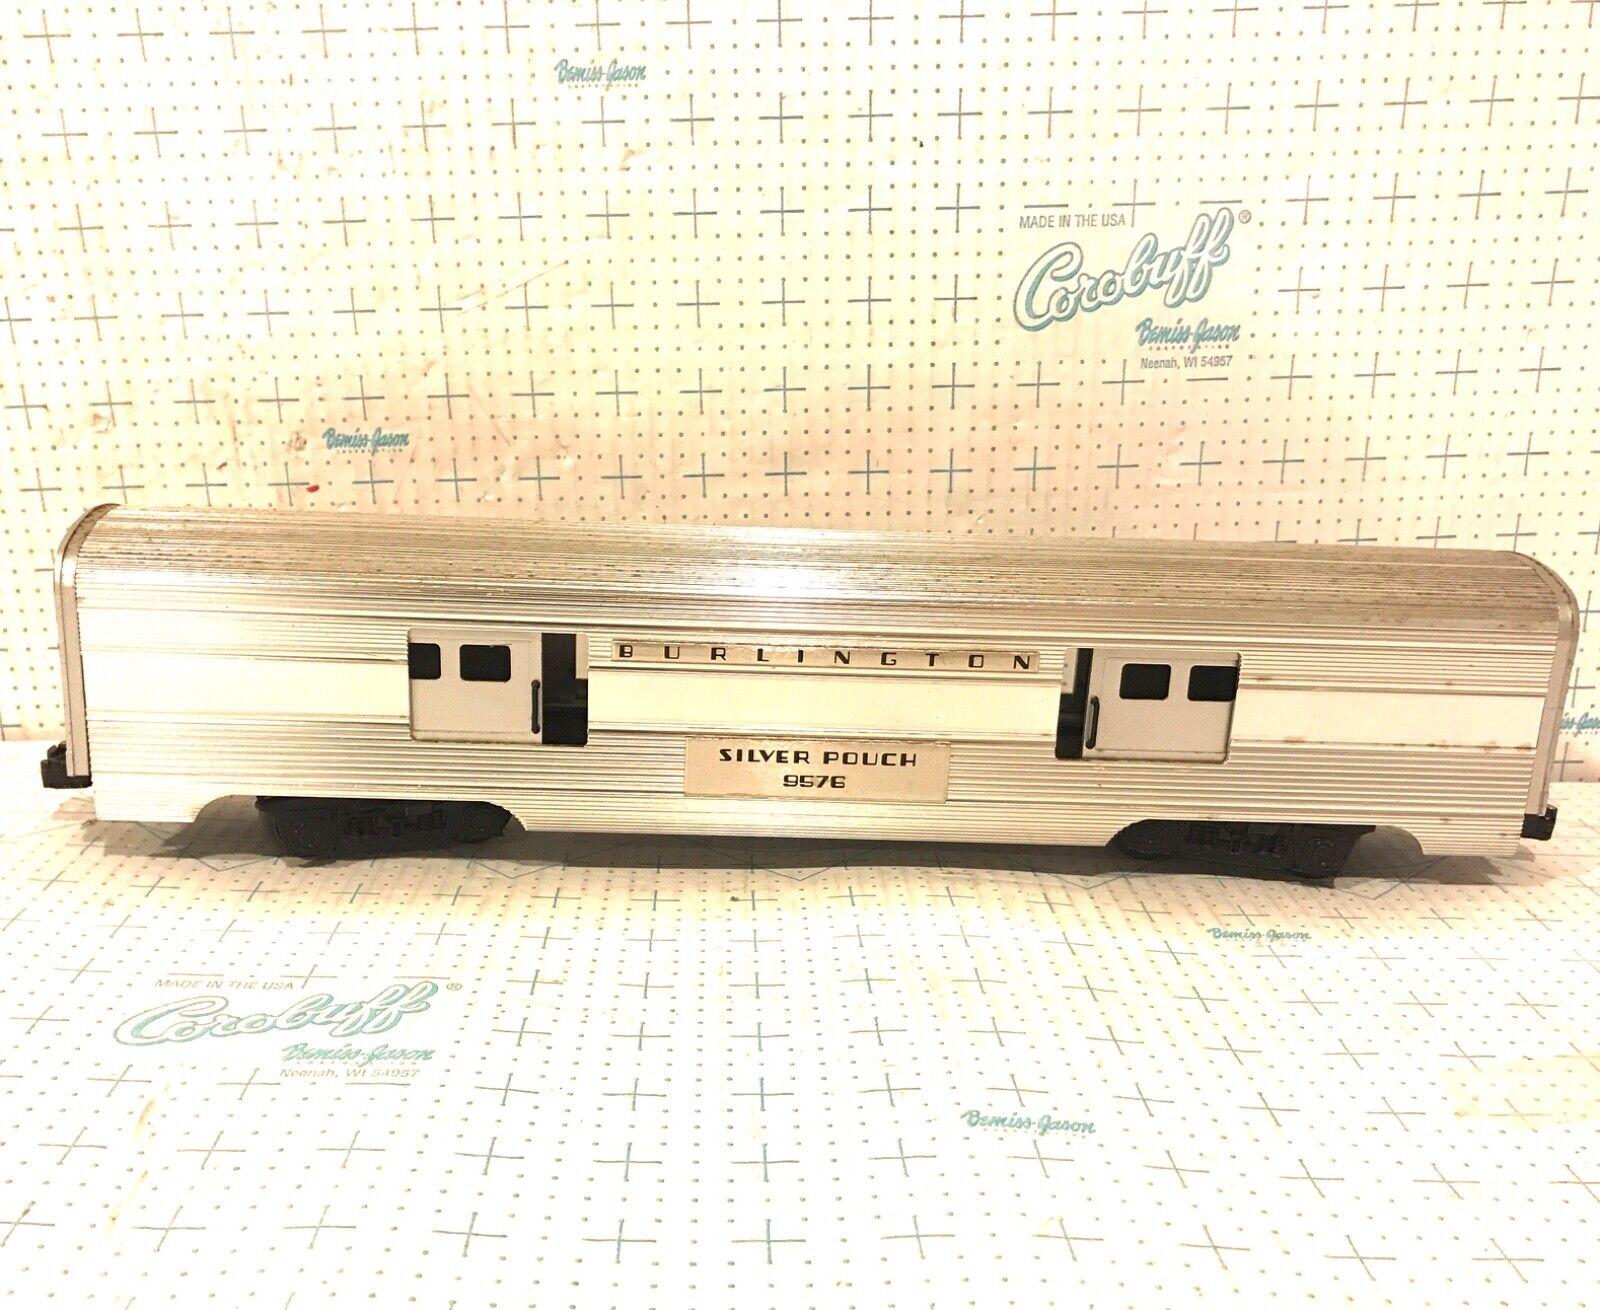 LIONEL O GAUGE 69576 BURLINGTON argento POUCH ALUMINUM auto